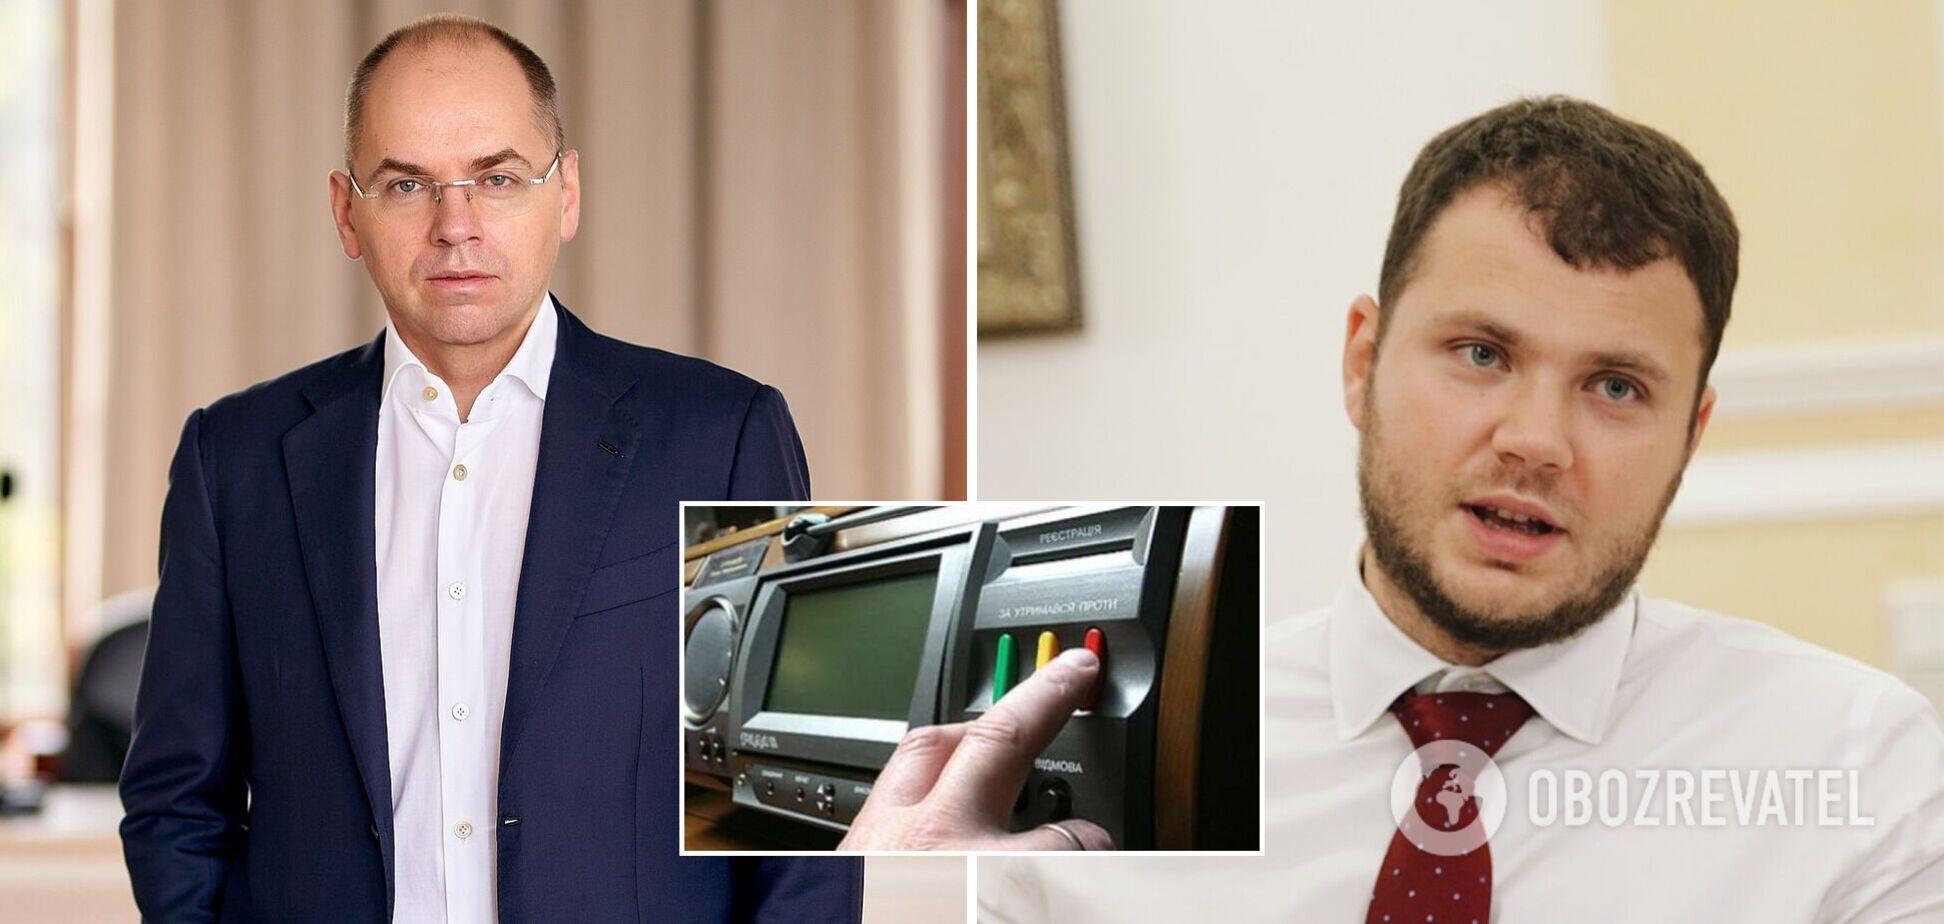 Завтра Рада рассмотрит перестановки в Кабмине, 'слуги' против отставки Степанова